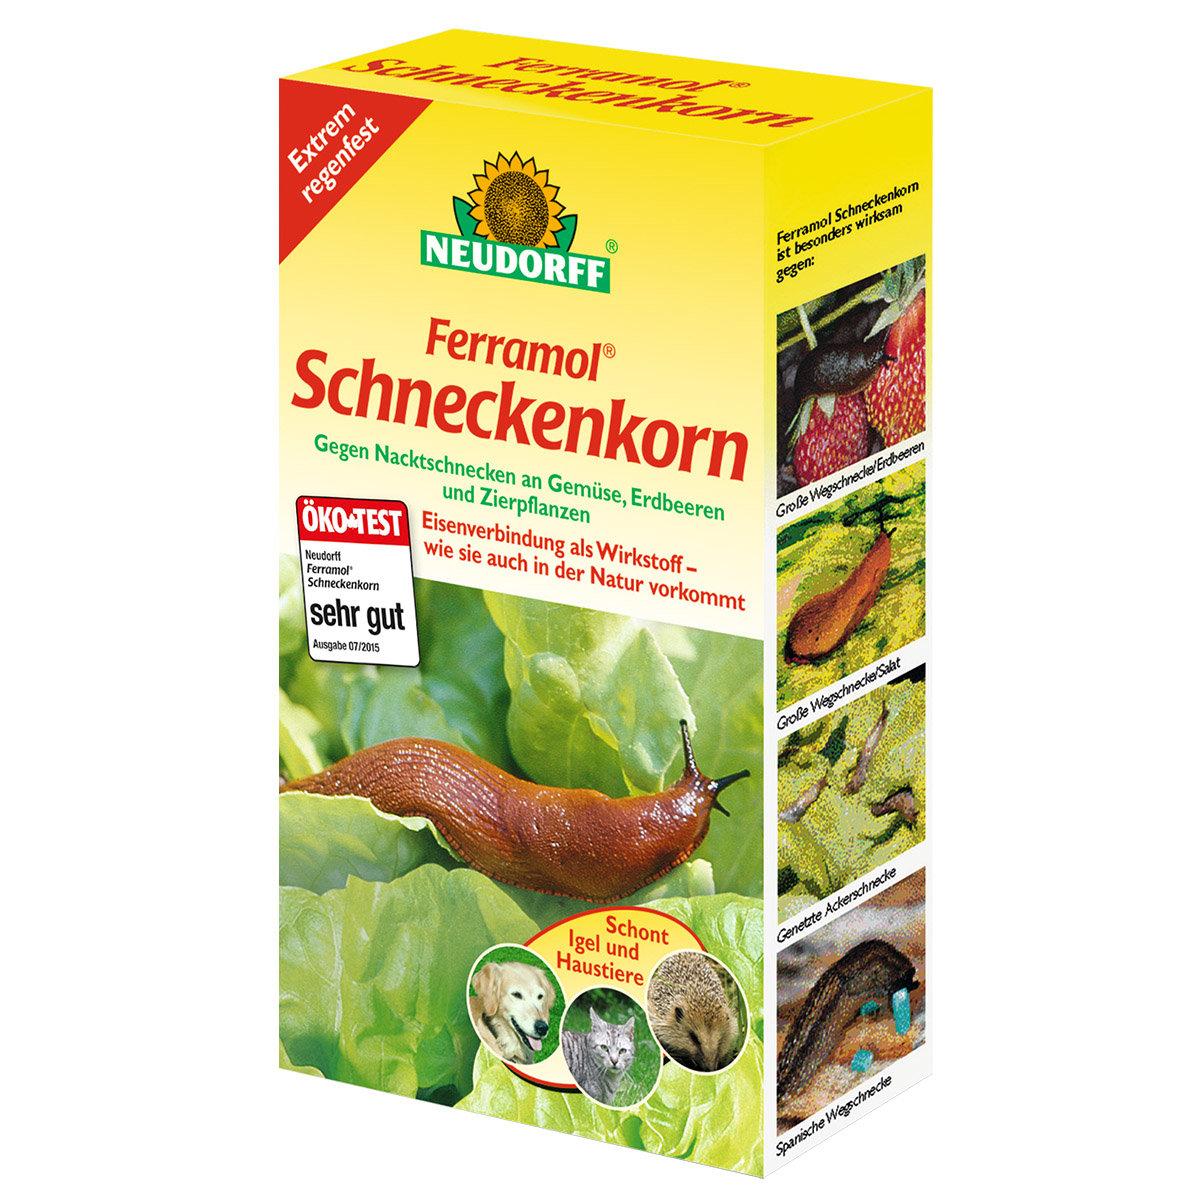 Neudorff® Ferramol® Schneckenkorn, 500 g